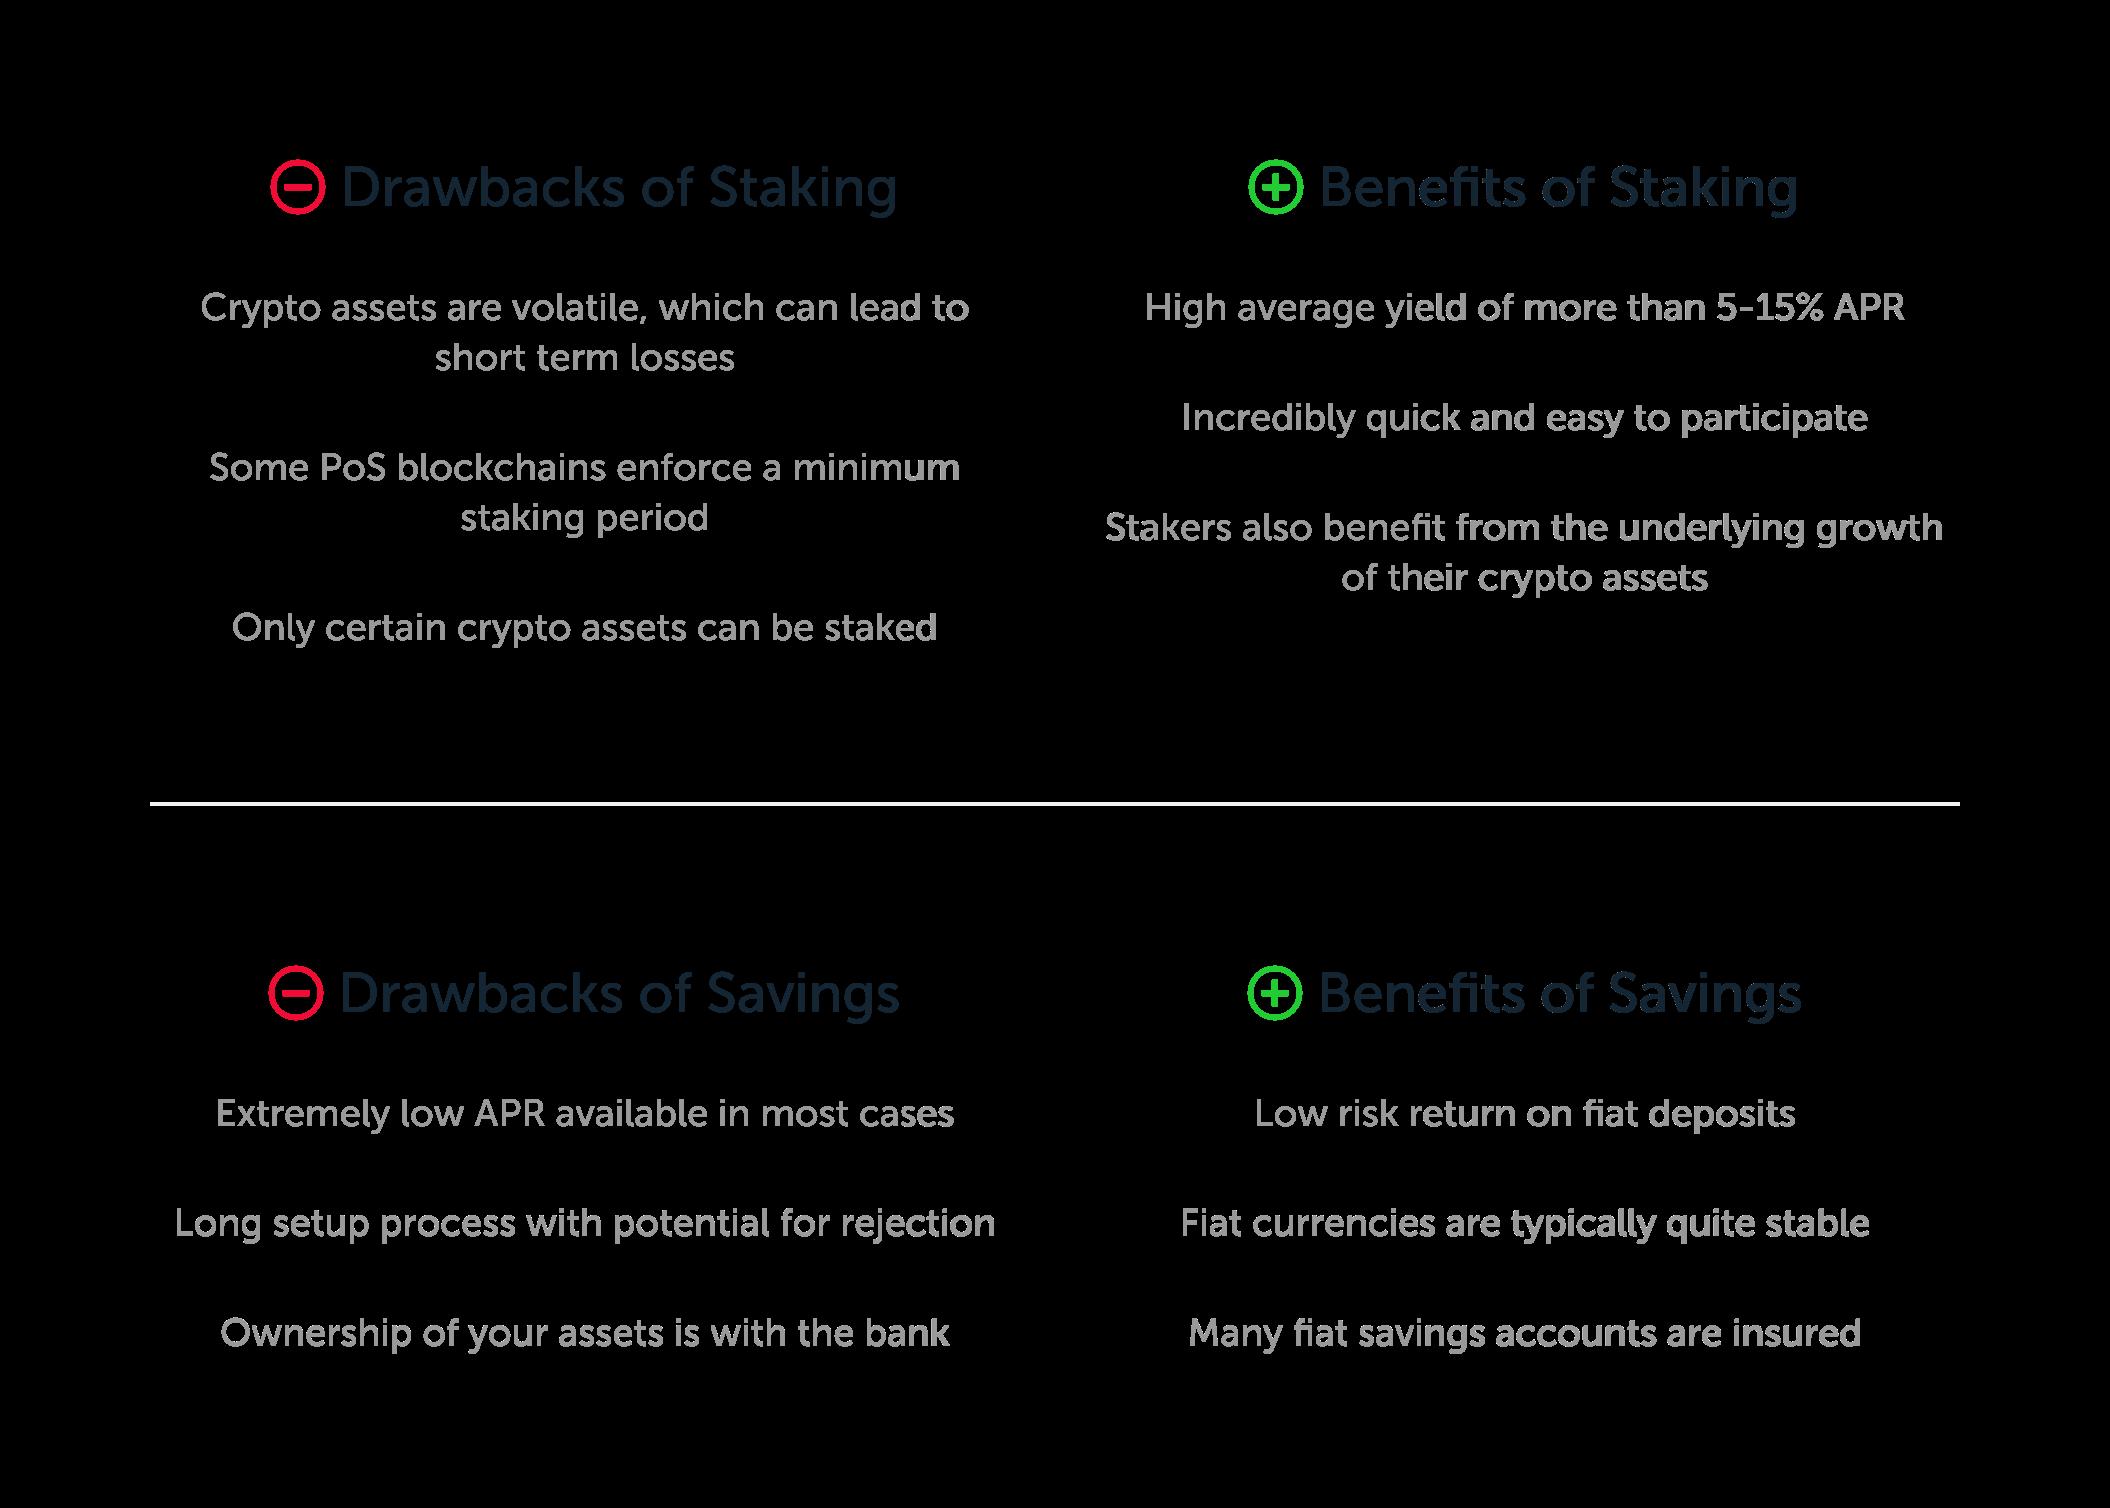 passive income options: staking vs saving